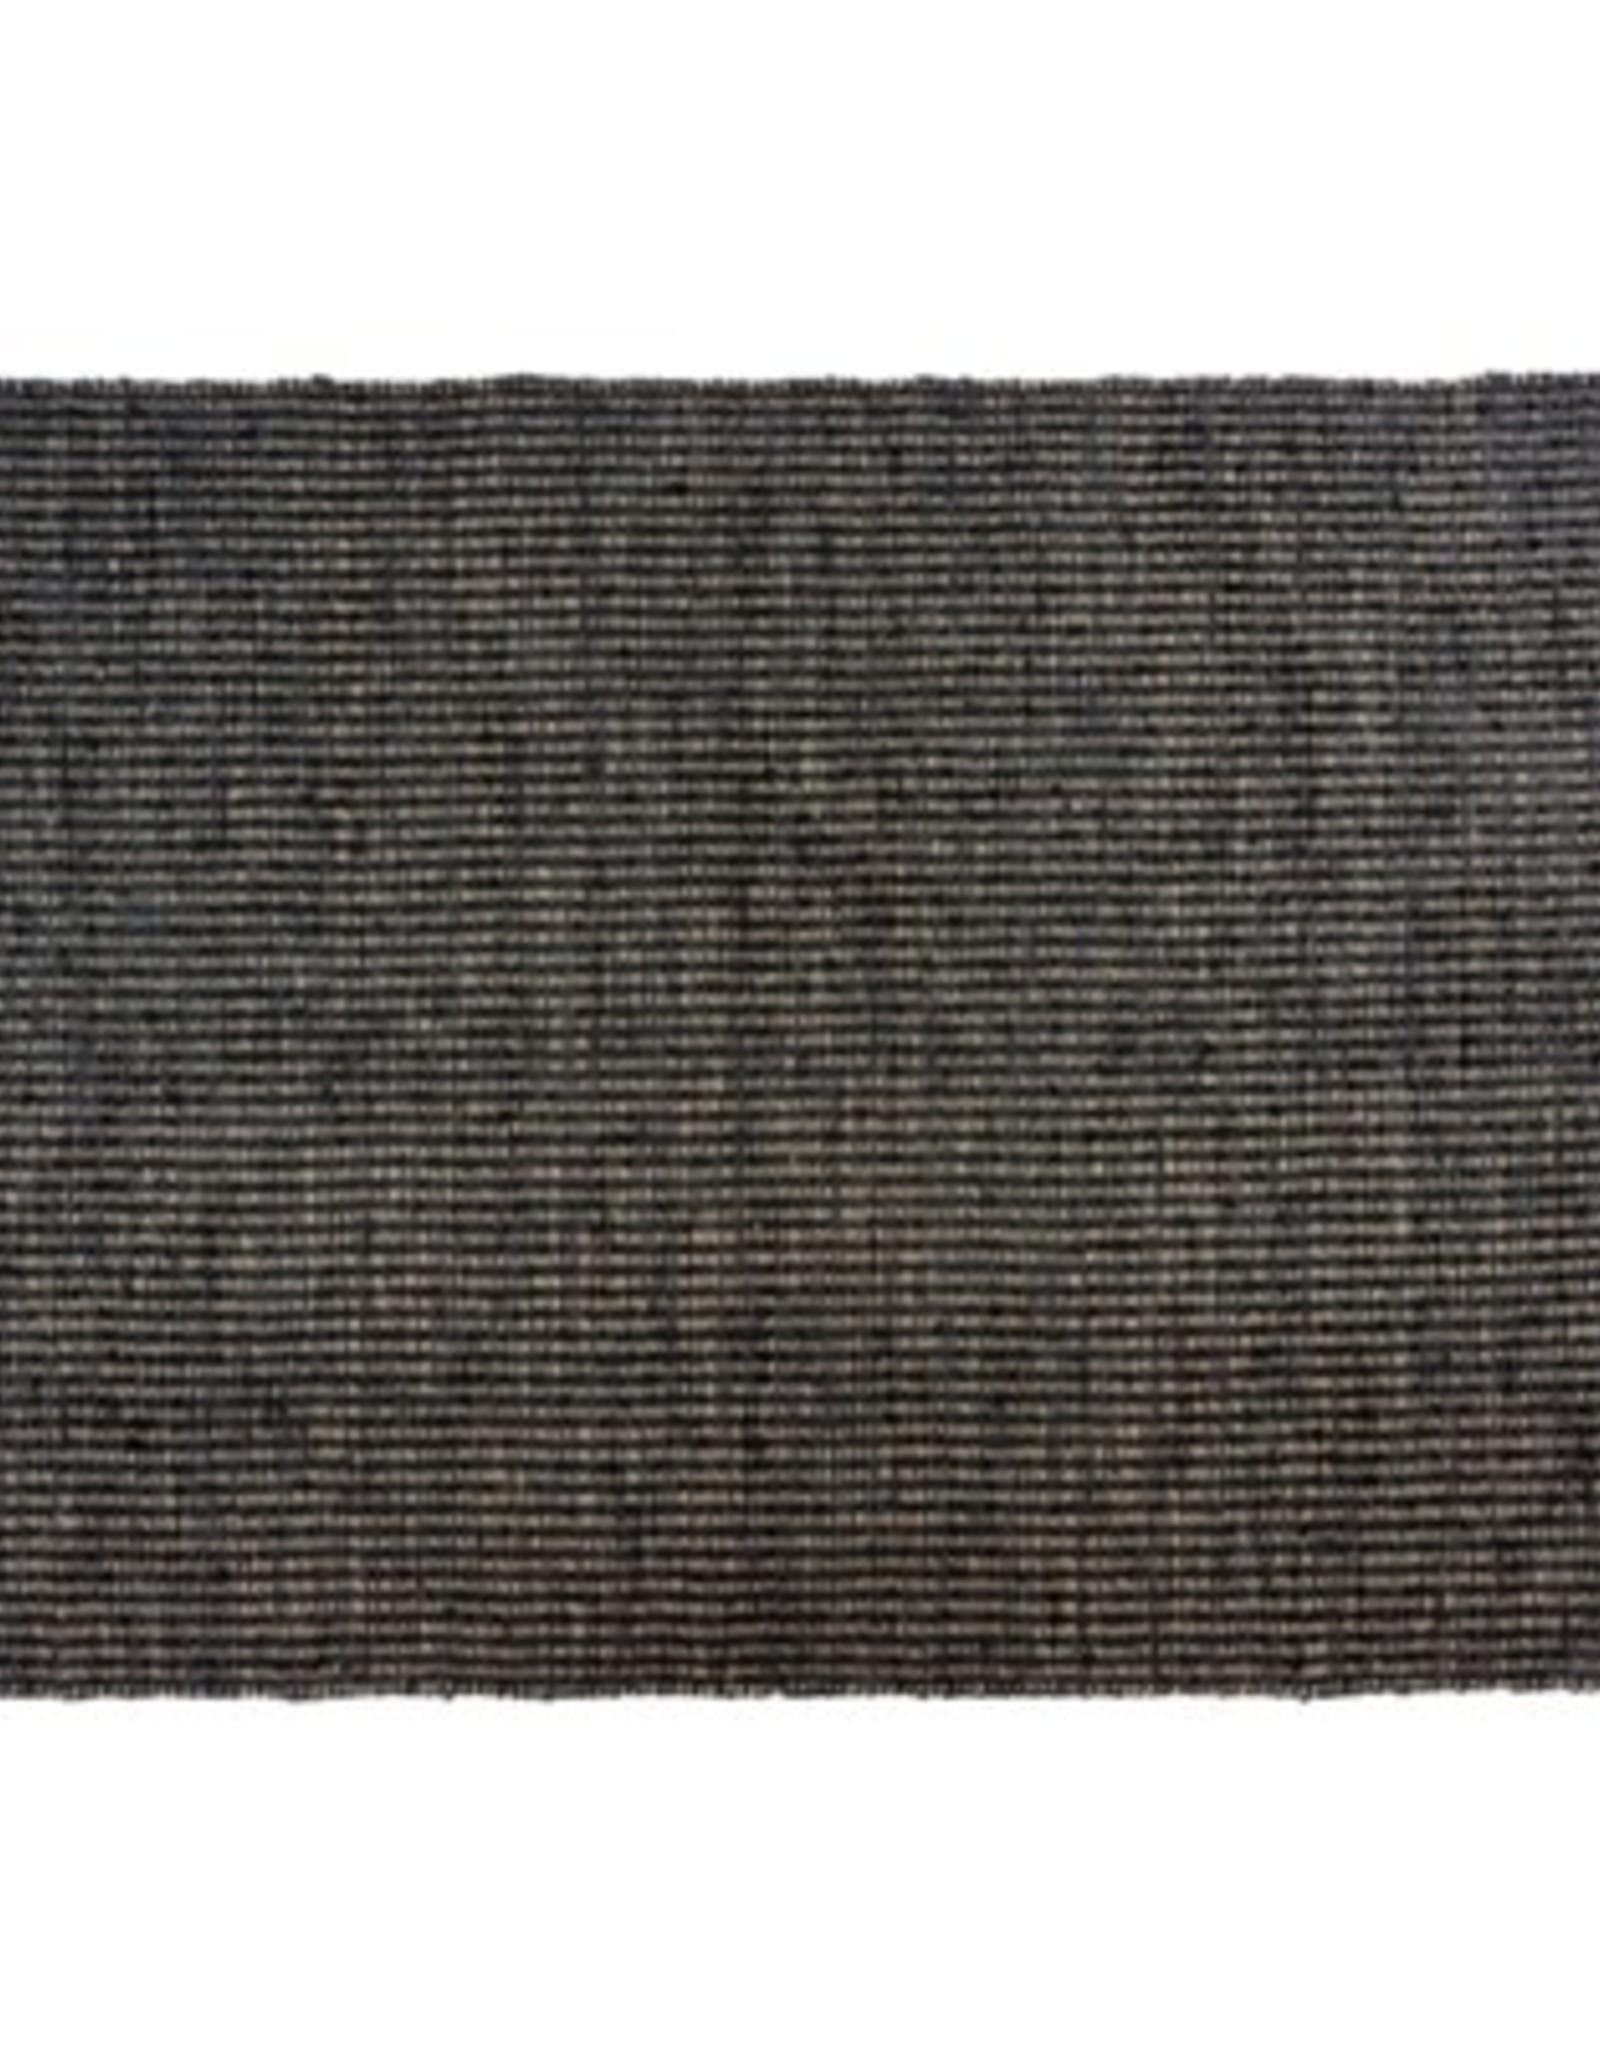 Indaba Rugs Indaba Big Sky Leather Black 5x7